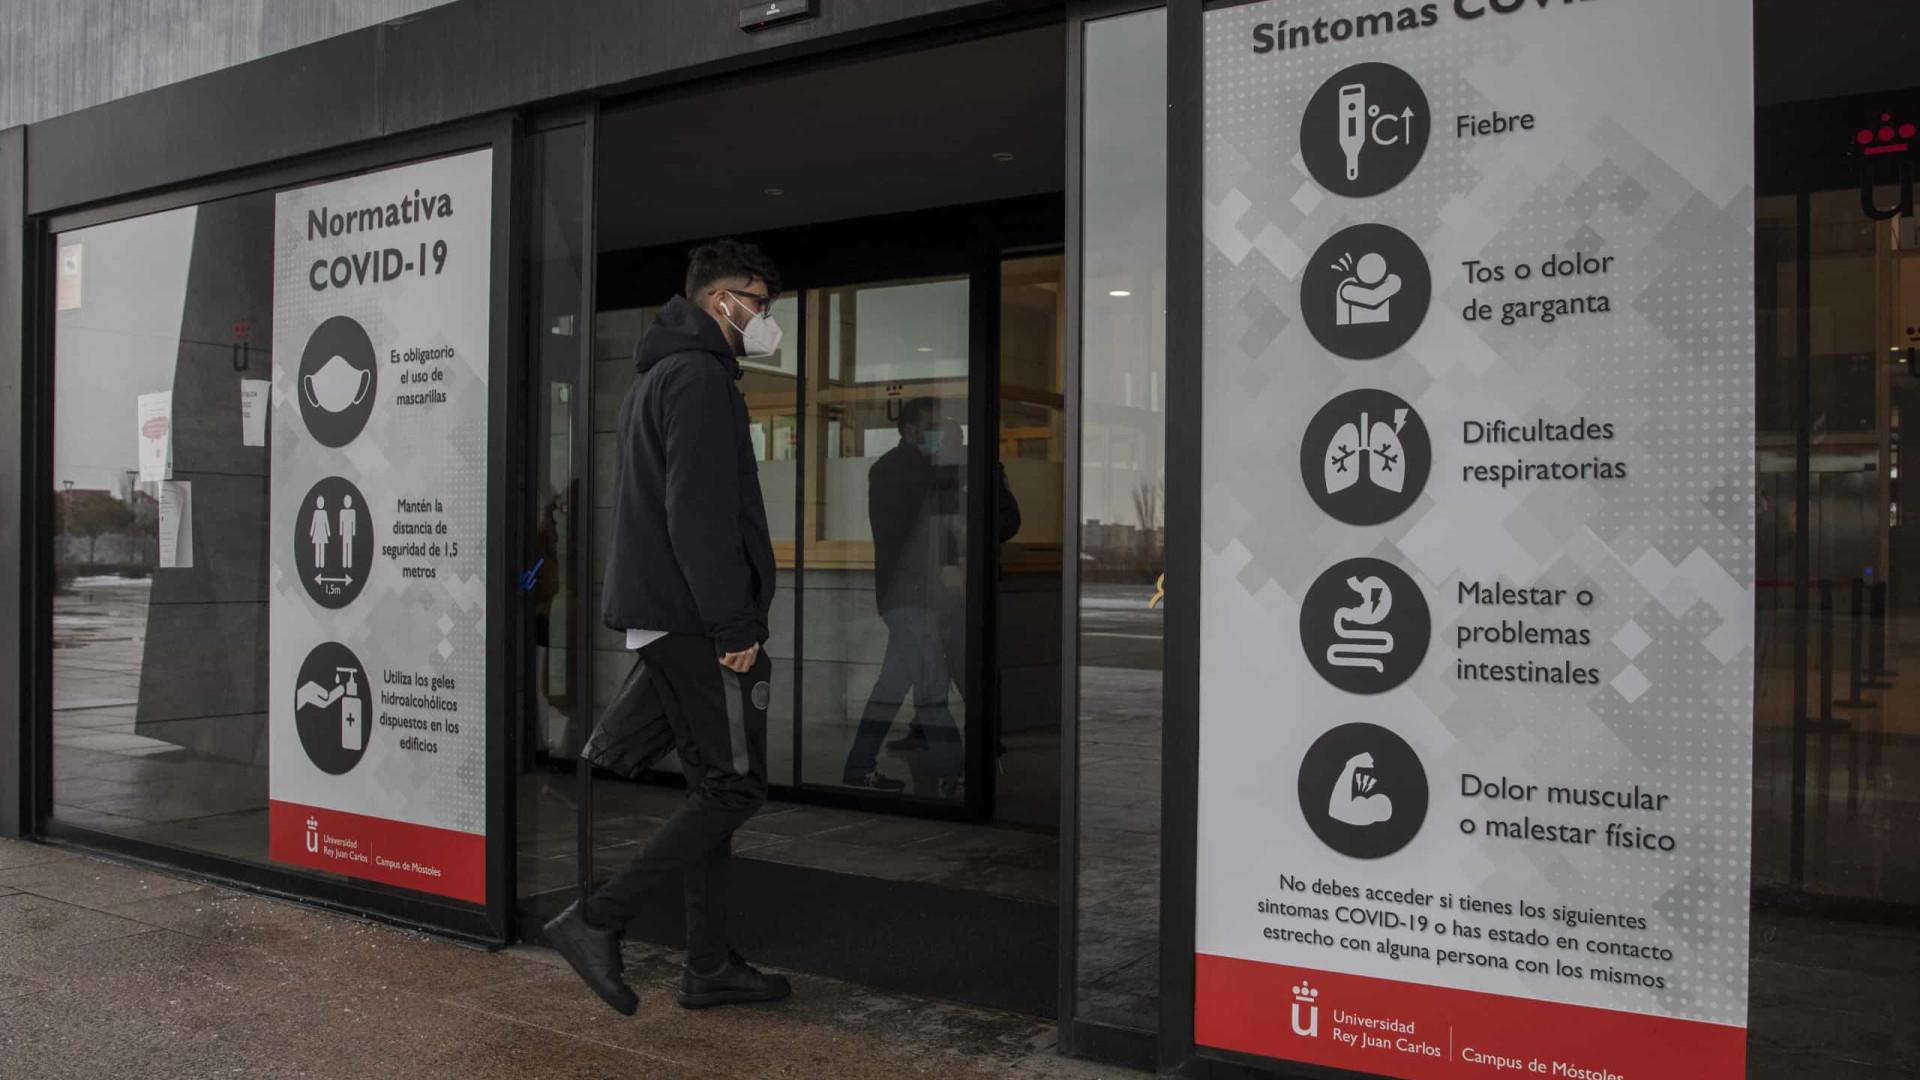 Espanha reporta 44.357 novas infecções, um novo máximo em 24 horas